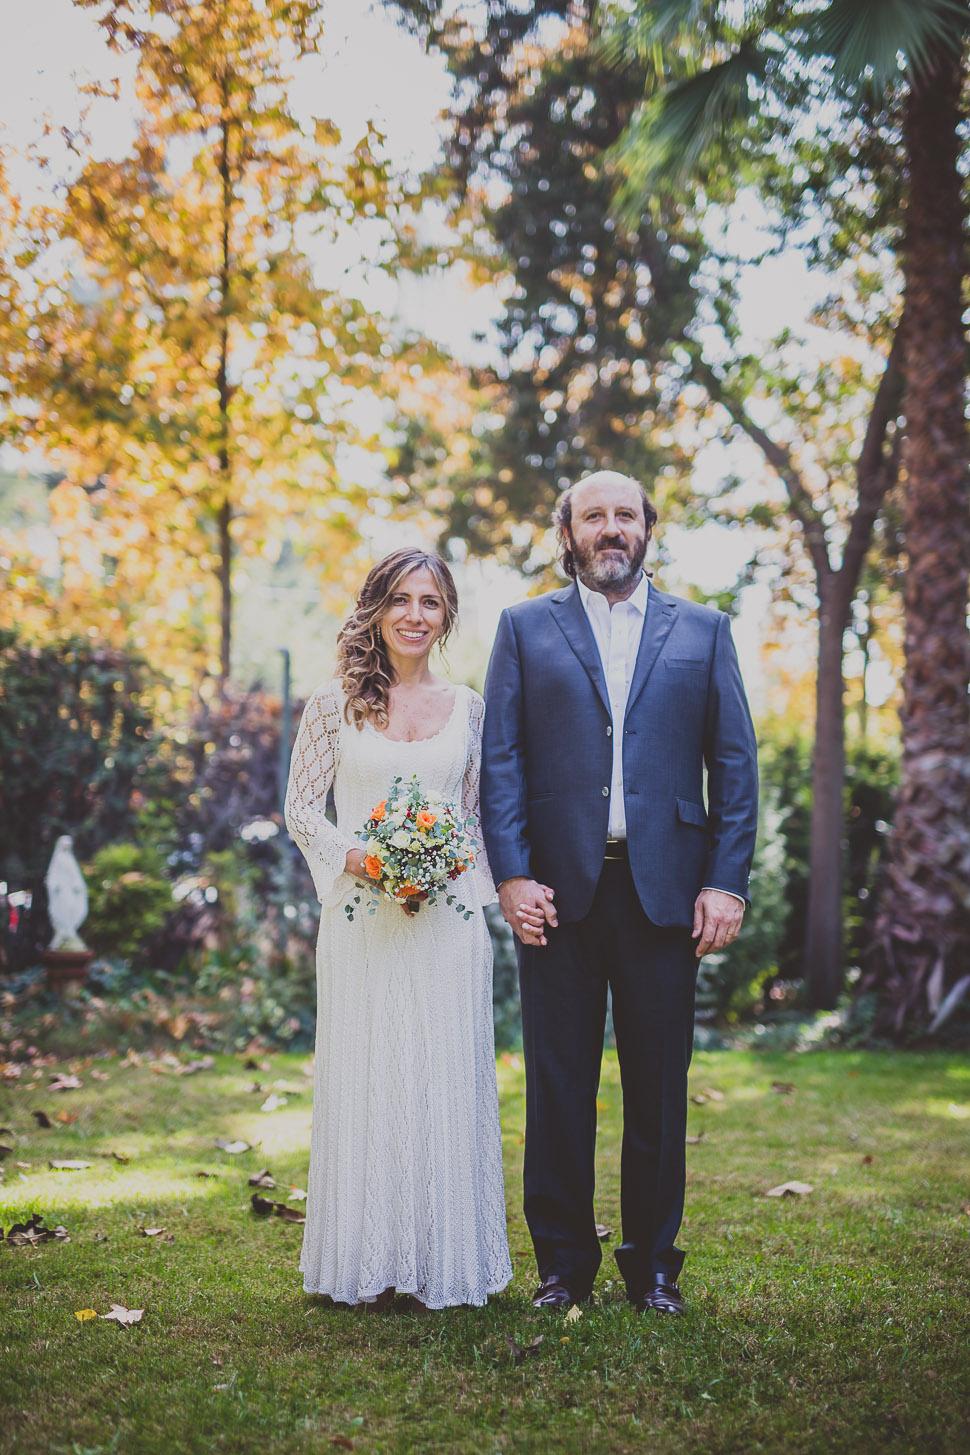 Matrimonio Jose Luis Repenning : Matrimonio verónica y josé luis colina fotografía